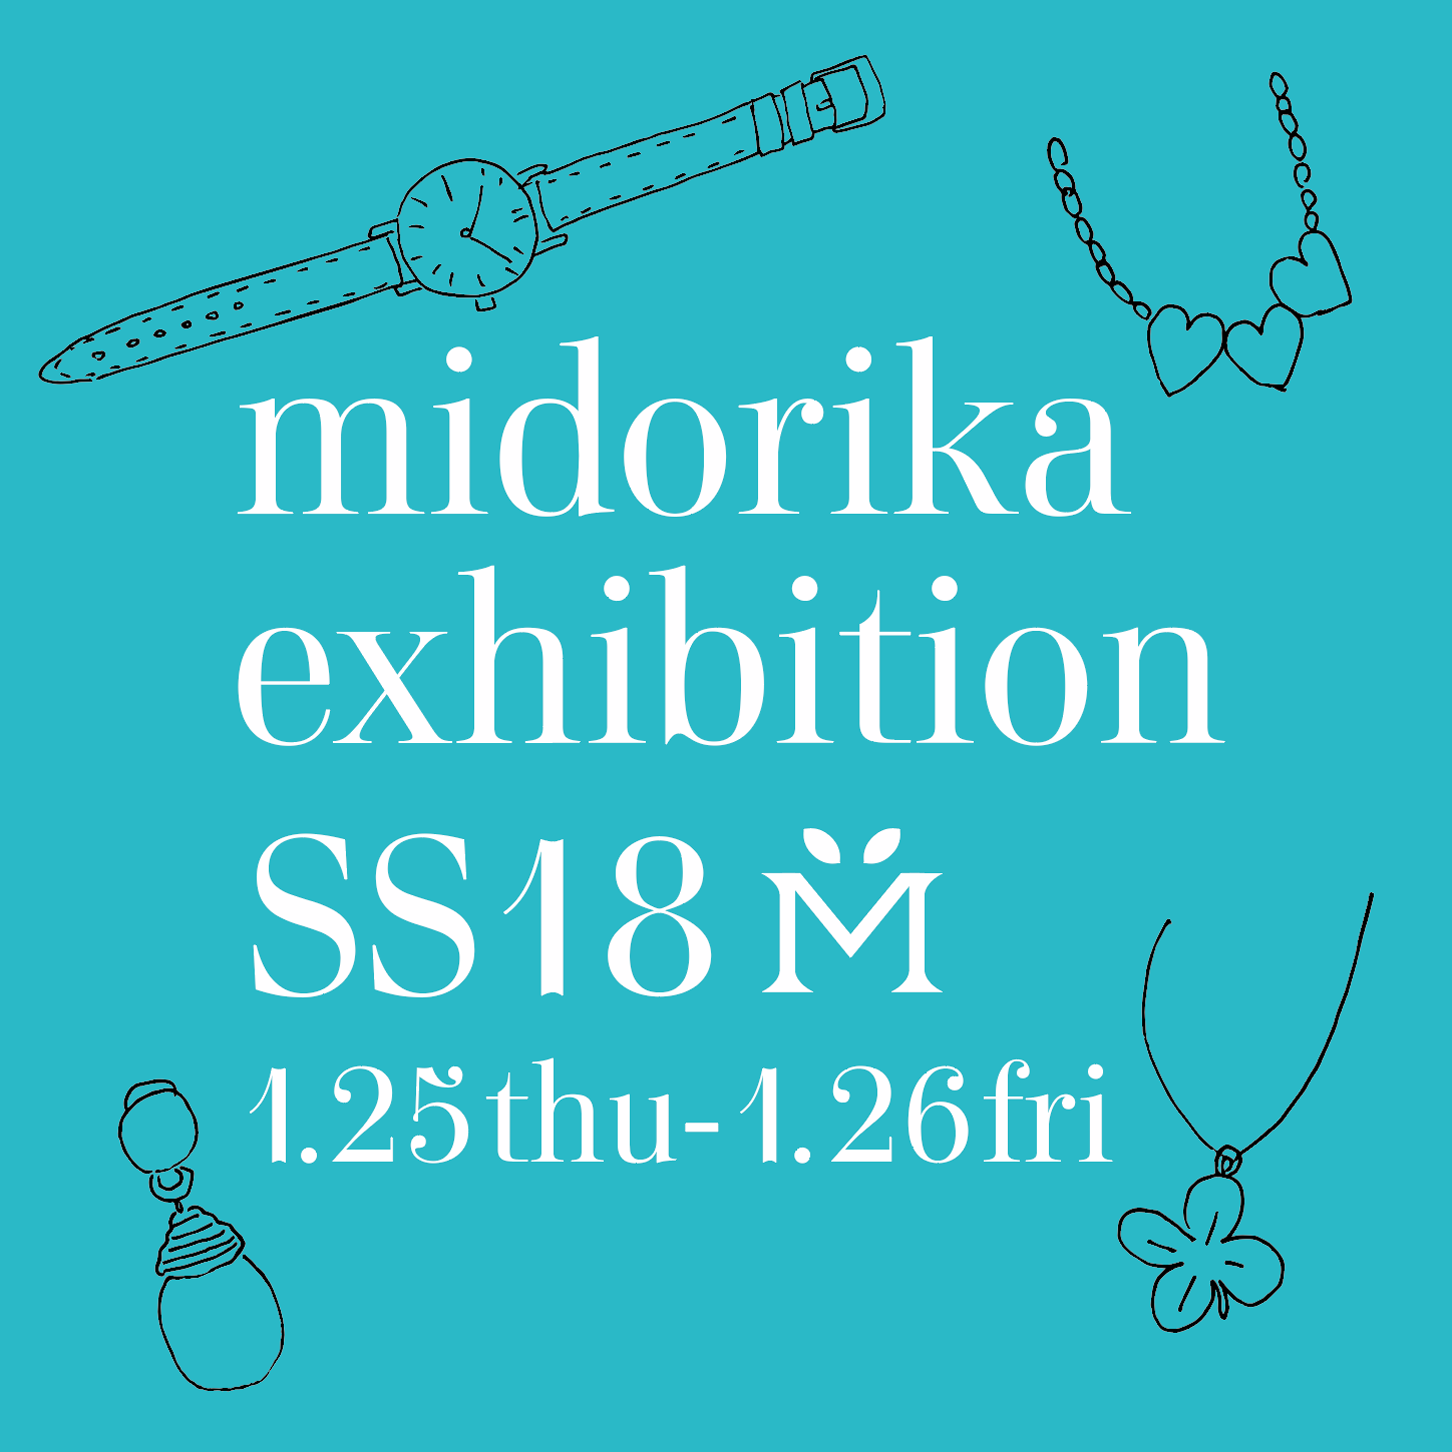 midorika2.png